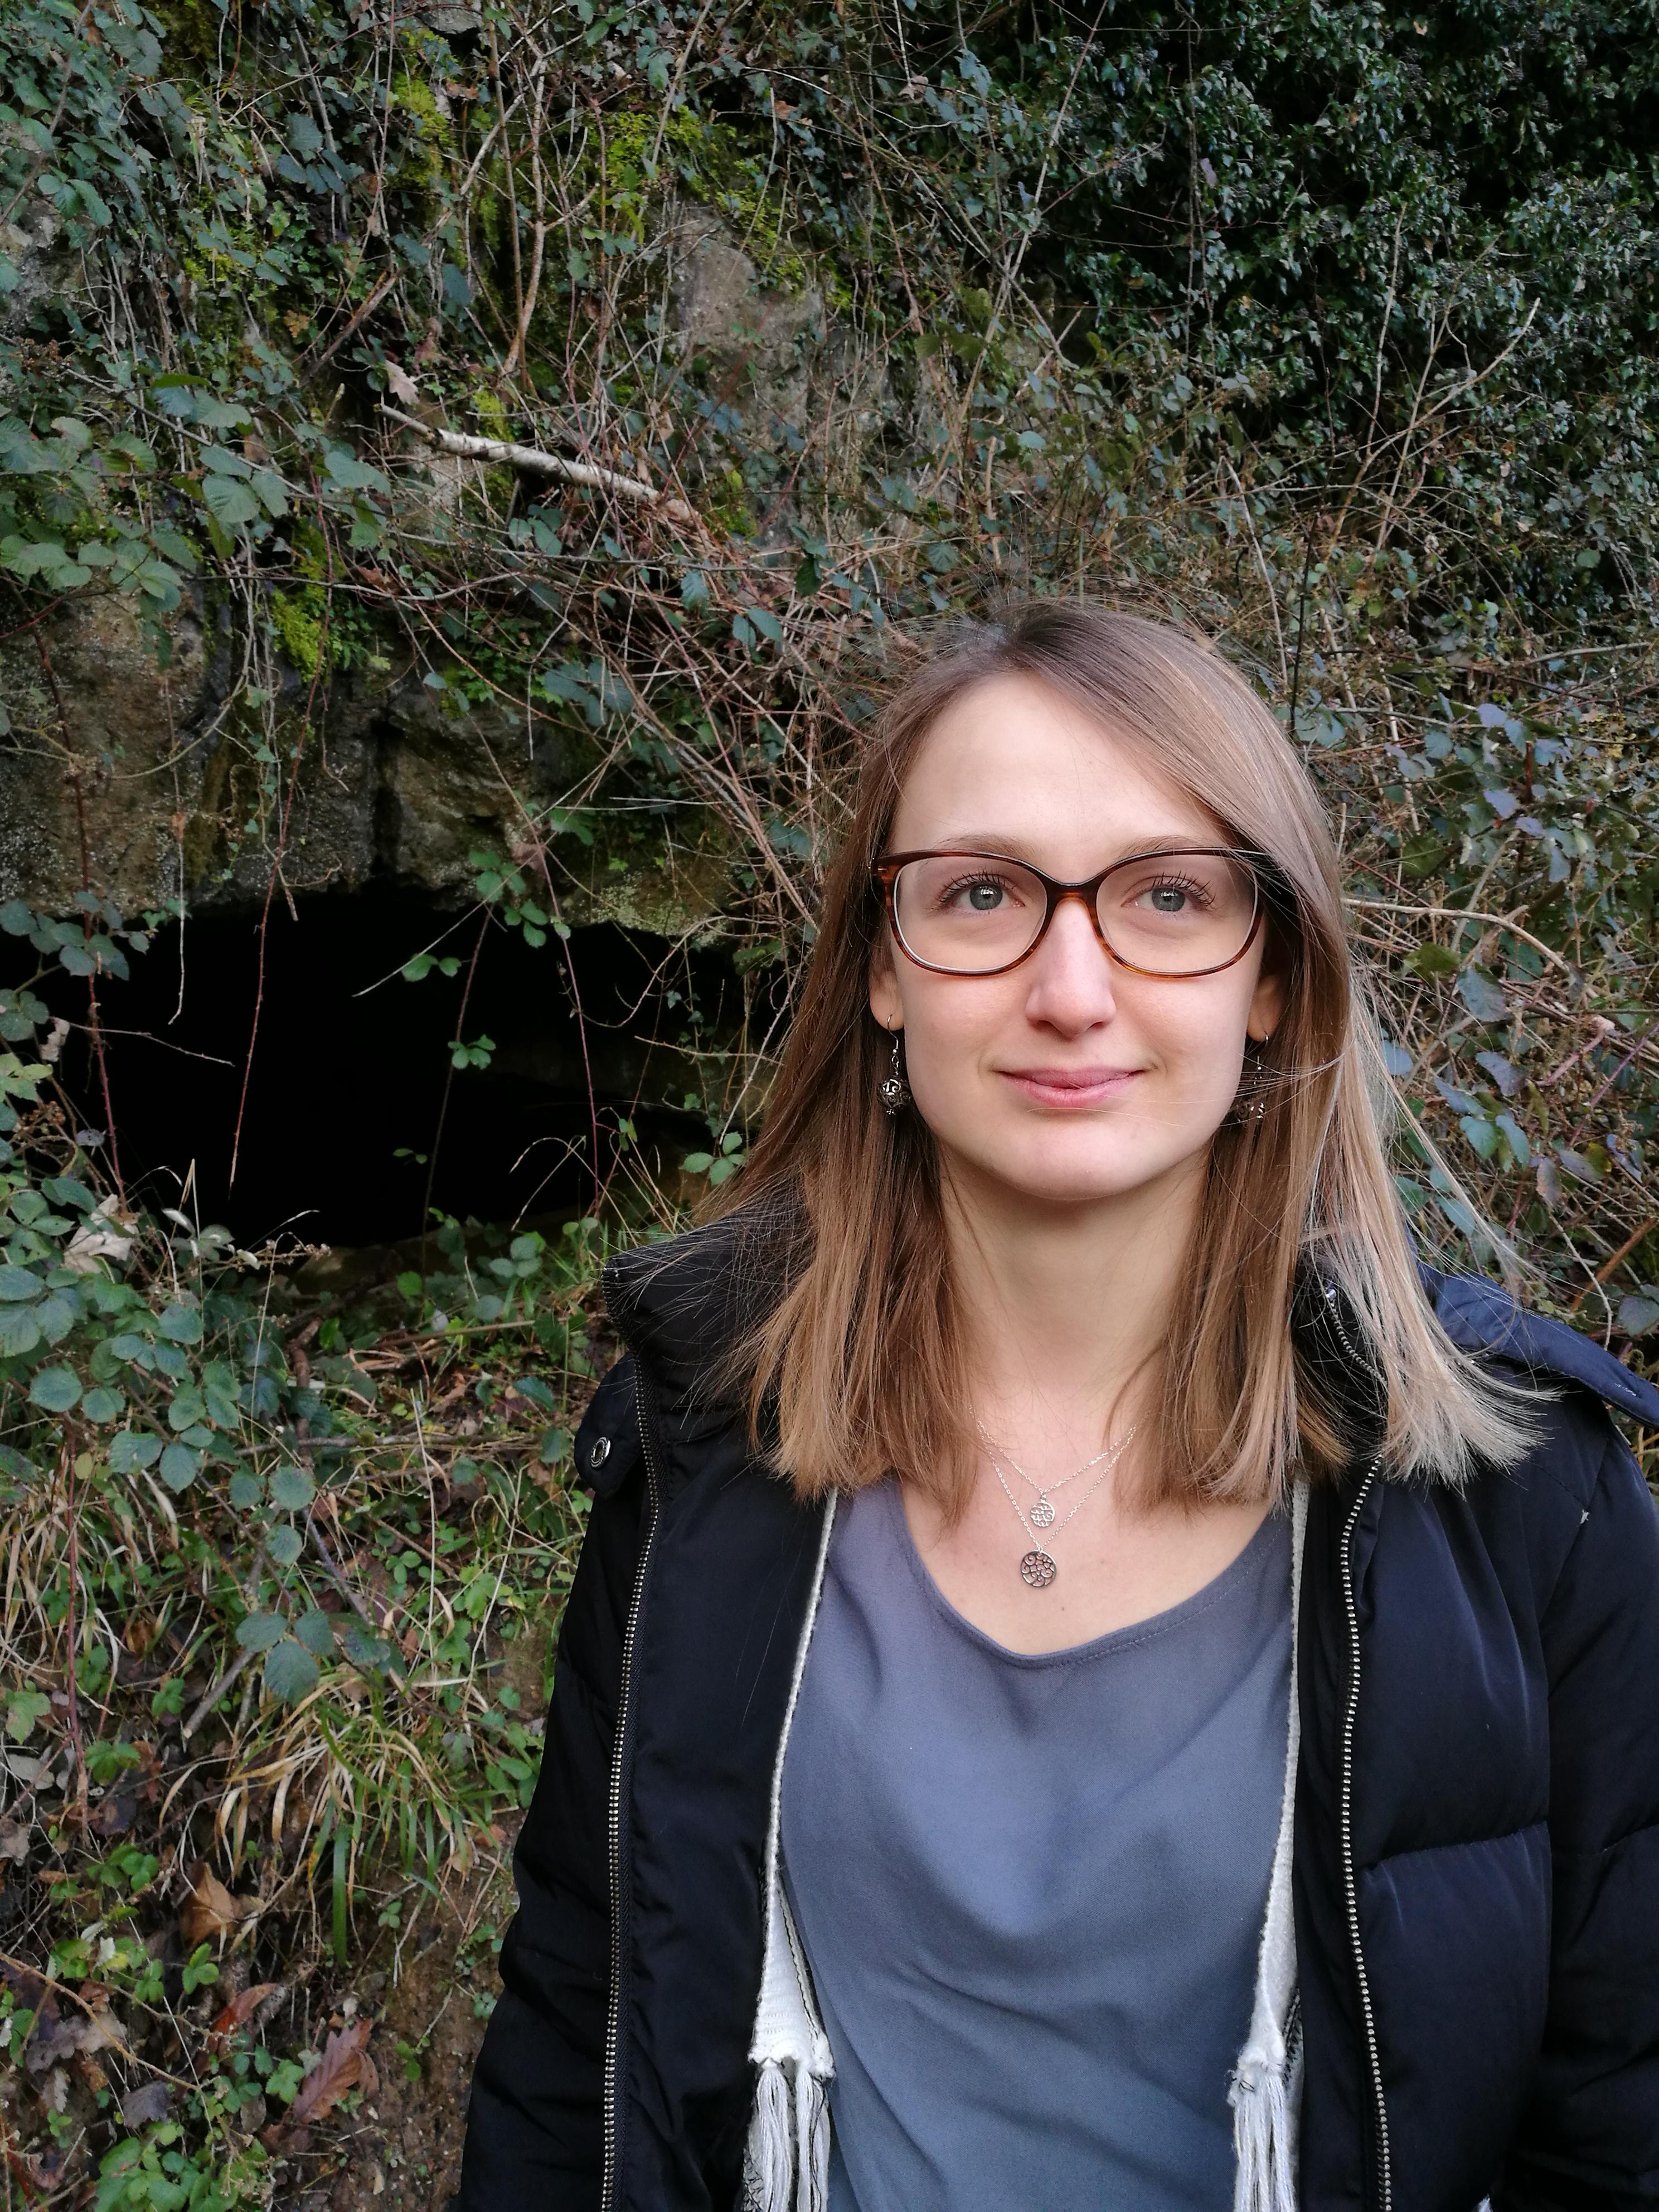 Manon Vanheesbeke